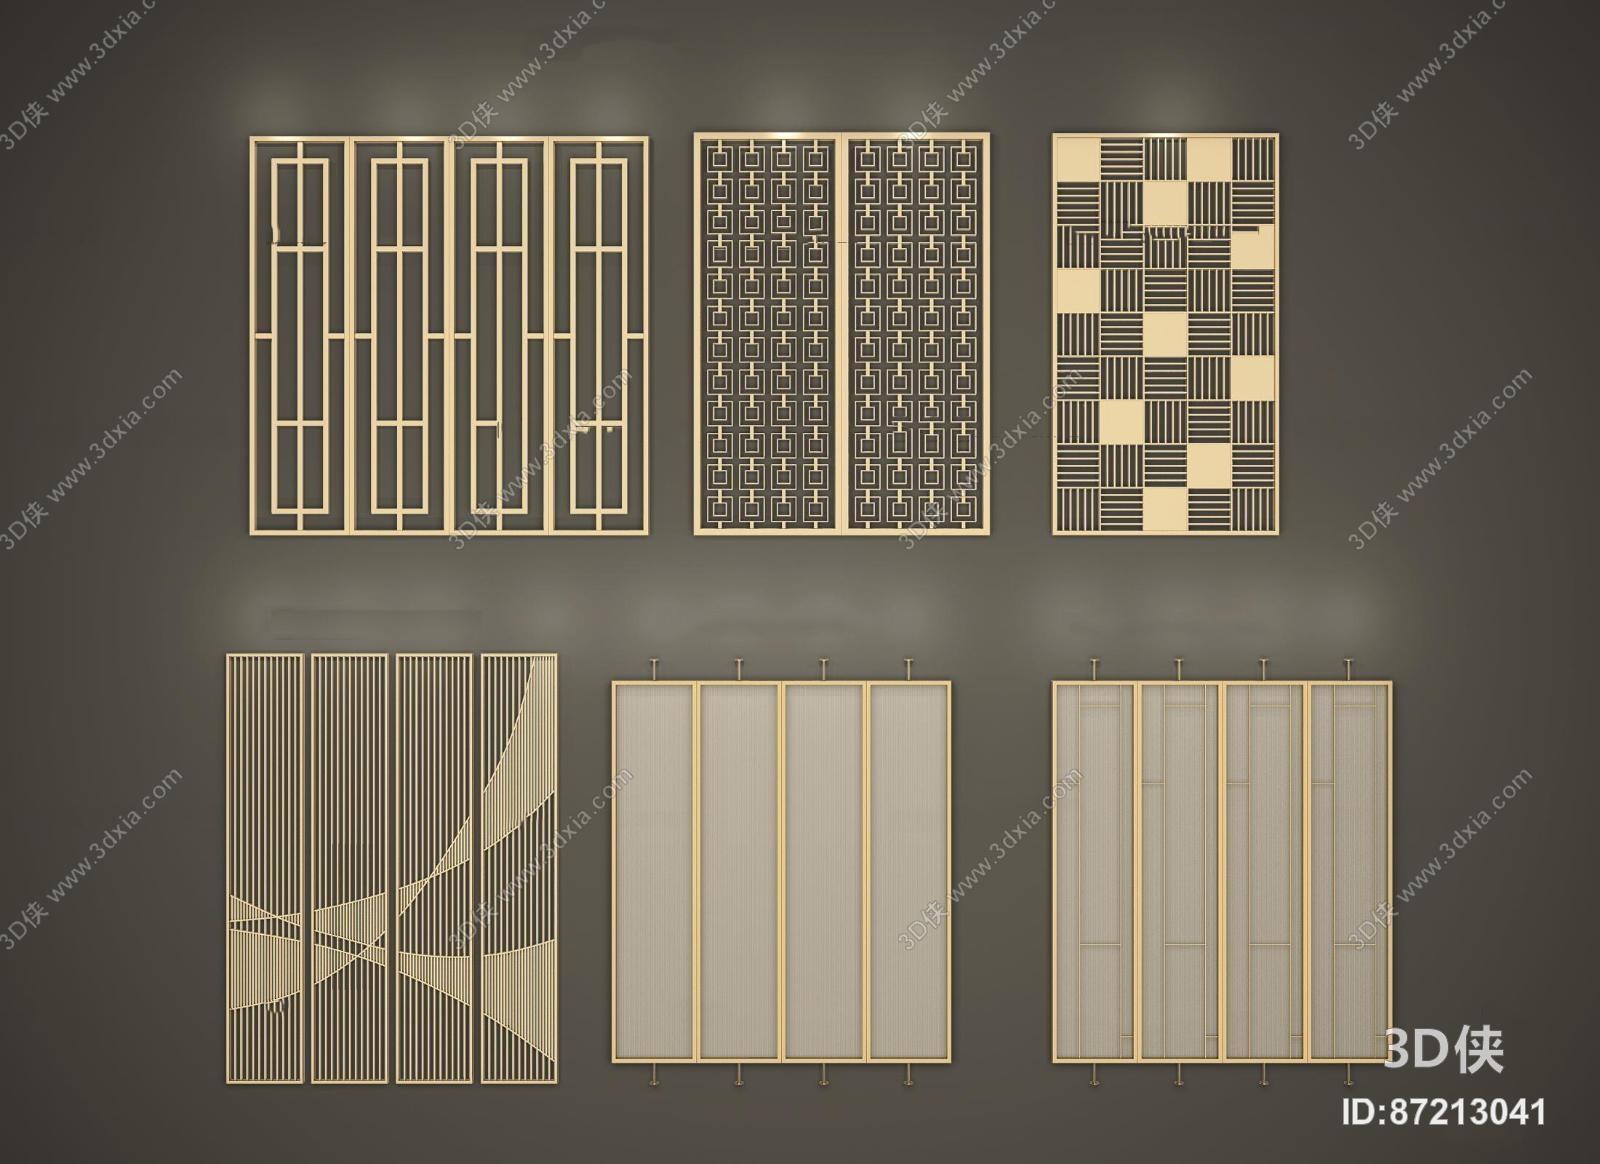 效果图素材免费下载,本作品主题是新中式金属屏风隔断组合3d模型,编号